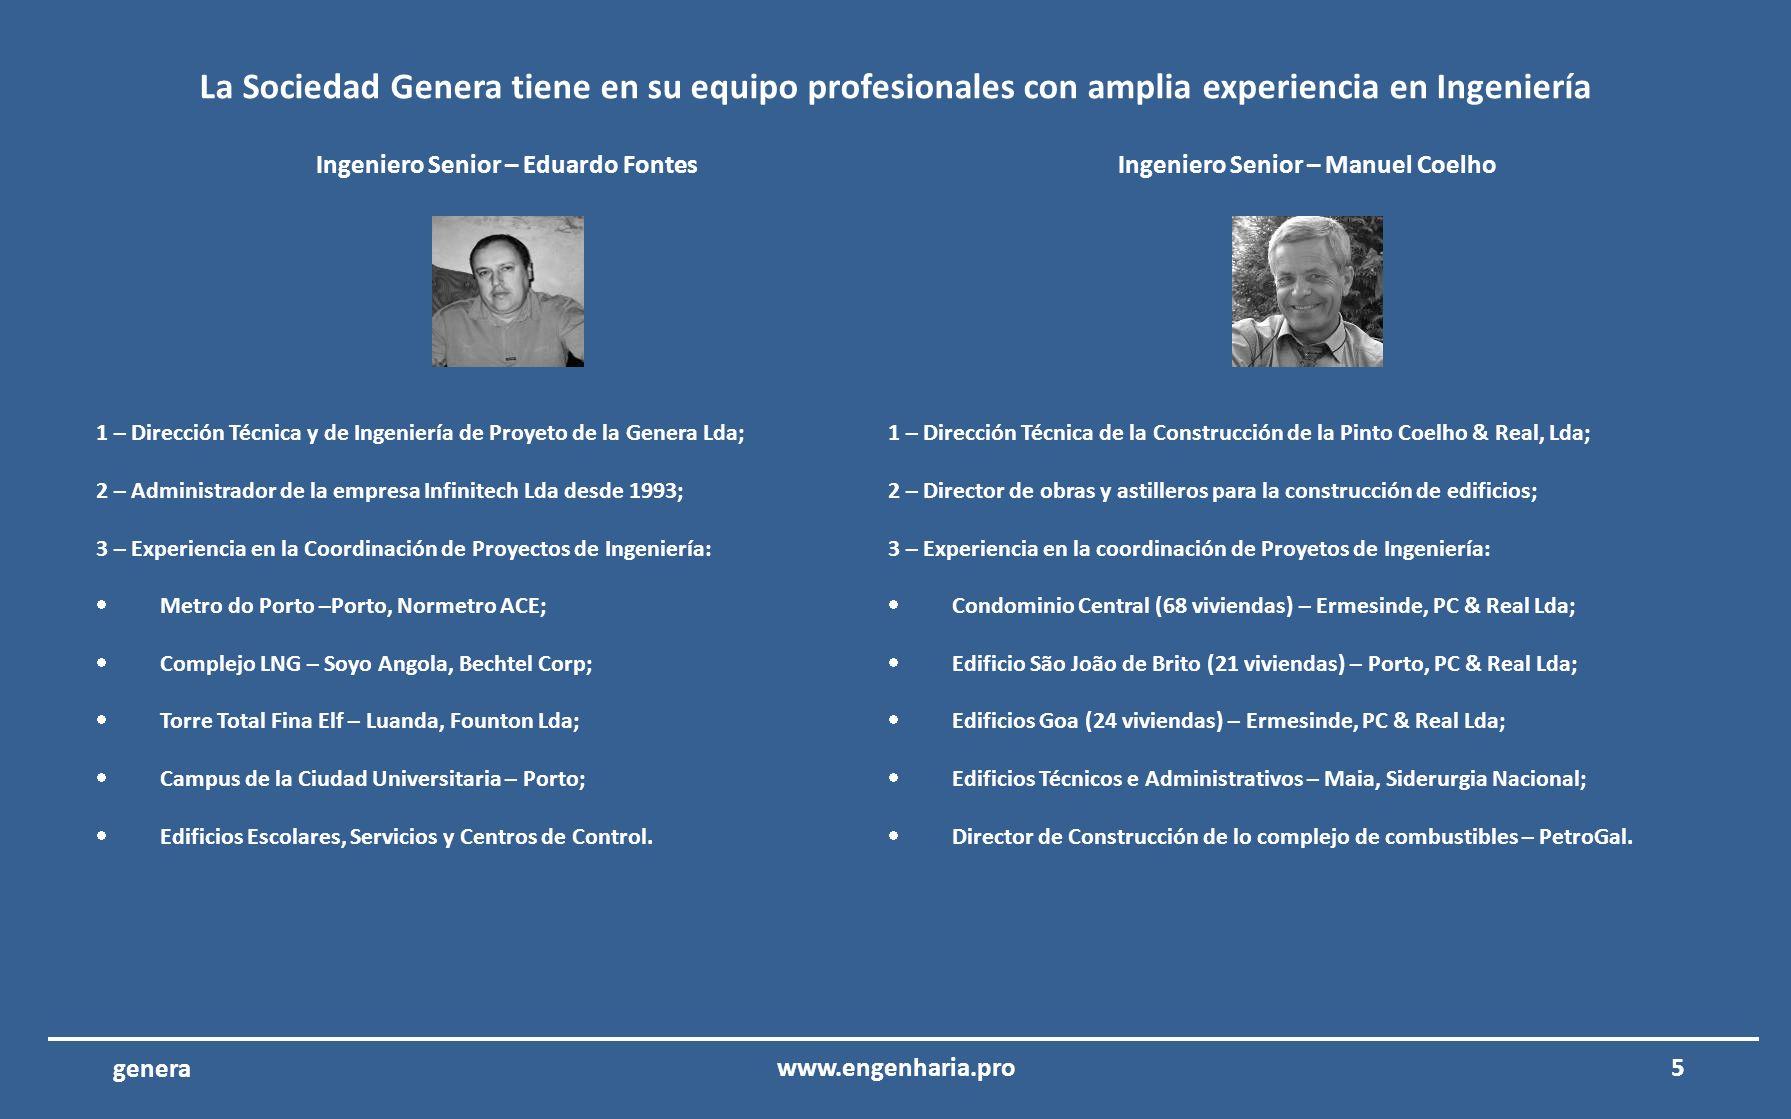 Ingeniero Senior – Eduardo Fontes Ingeniero Senior – Manuel Coelho